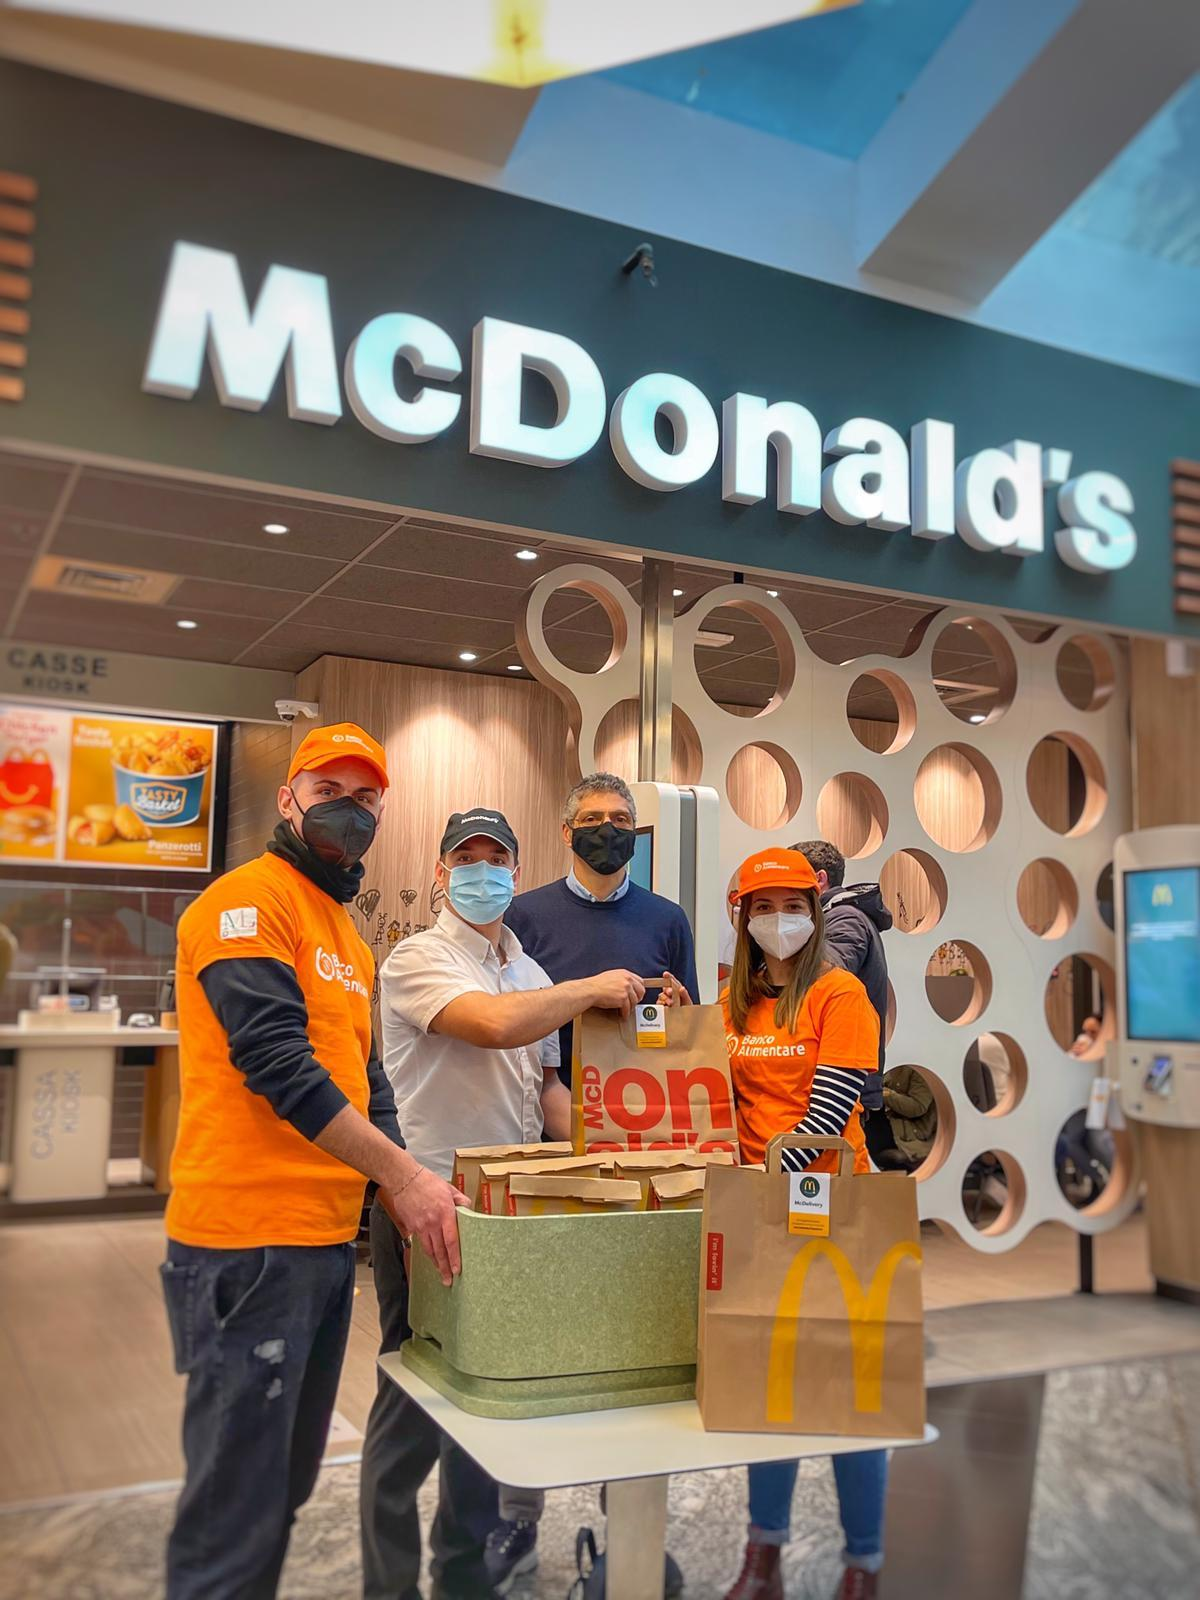 McDonald e Banco Alimentare - Sempre Aperti a Donare